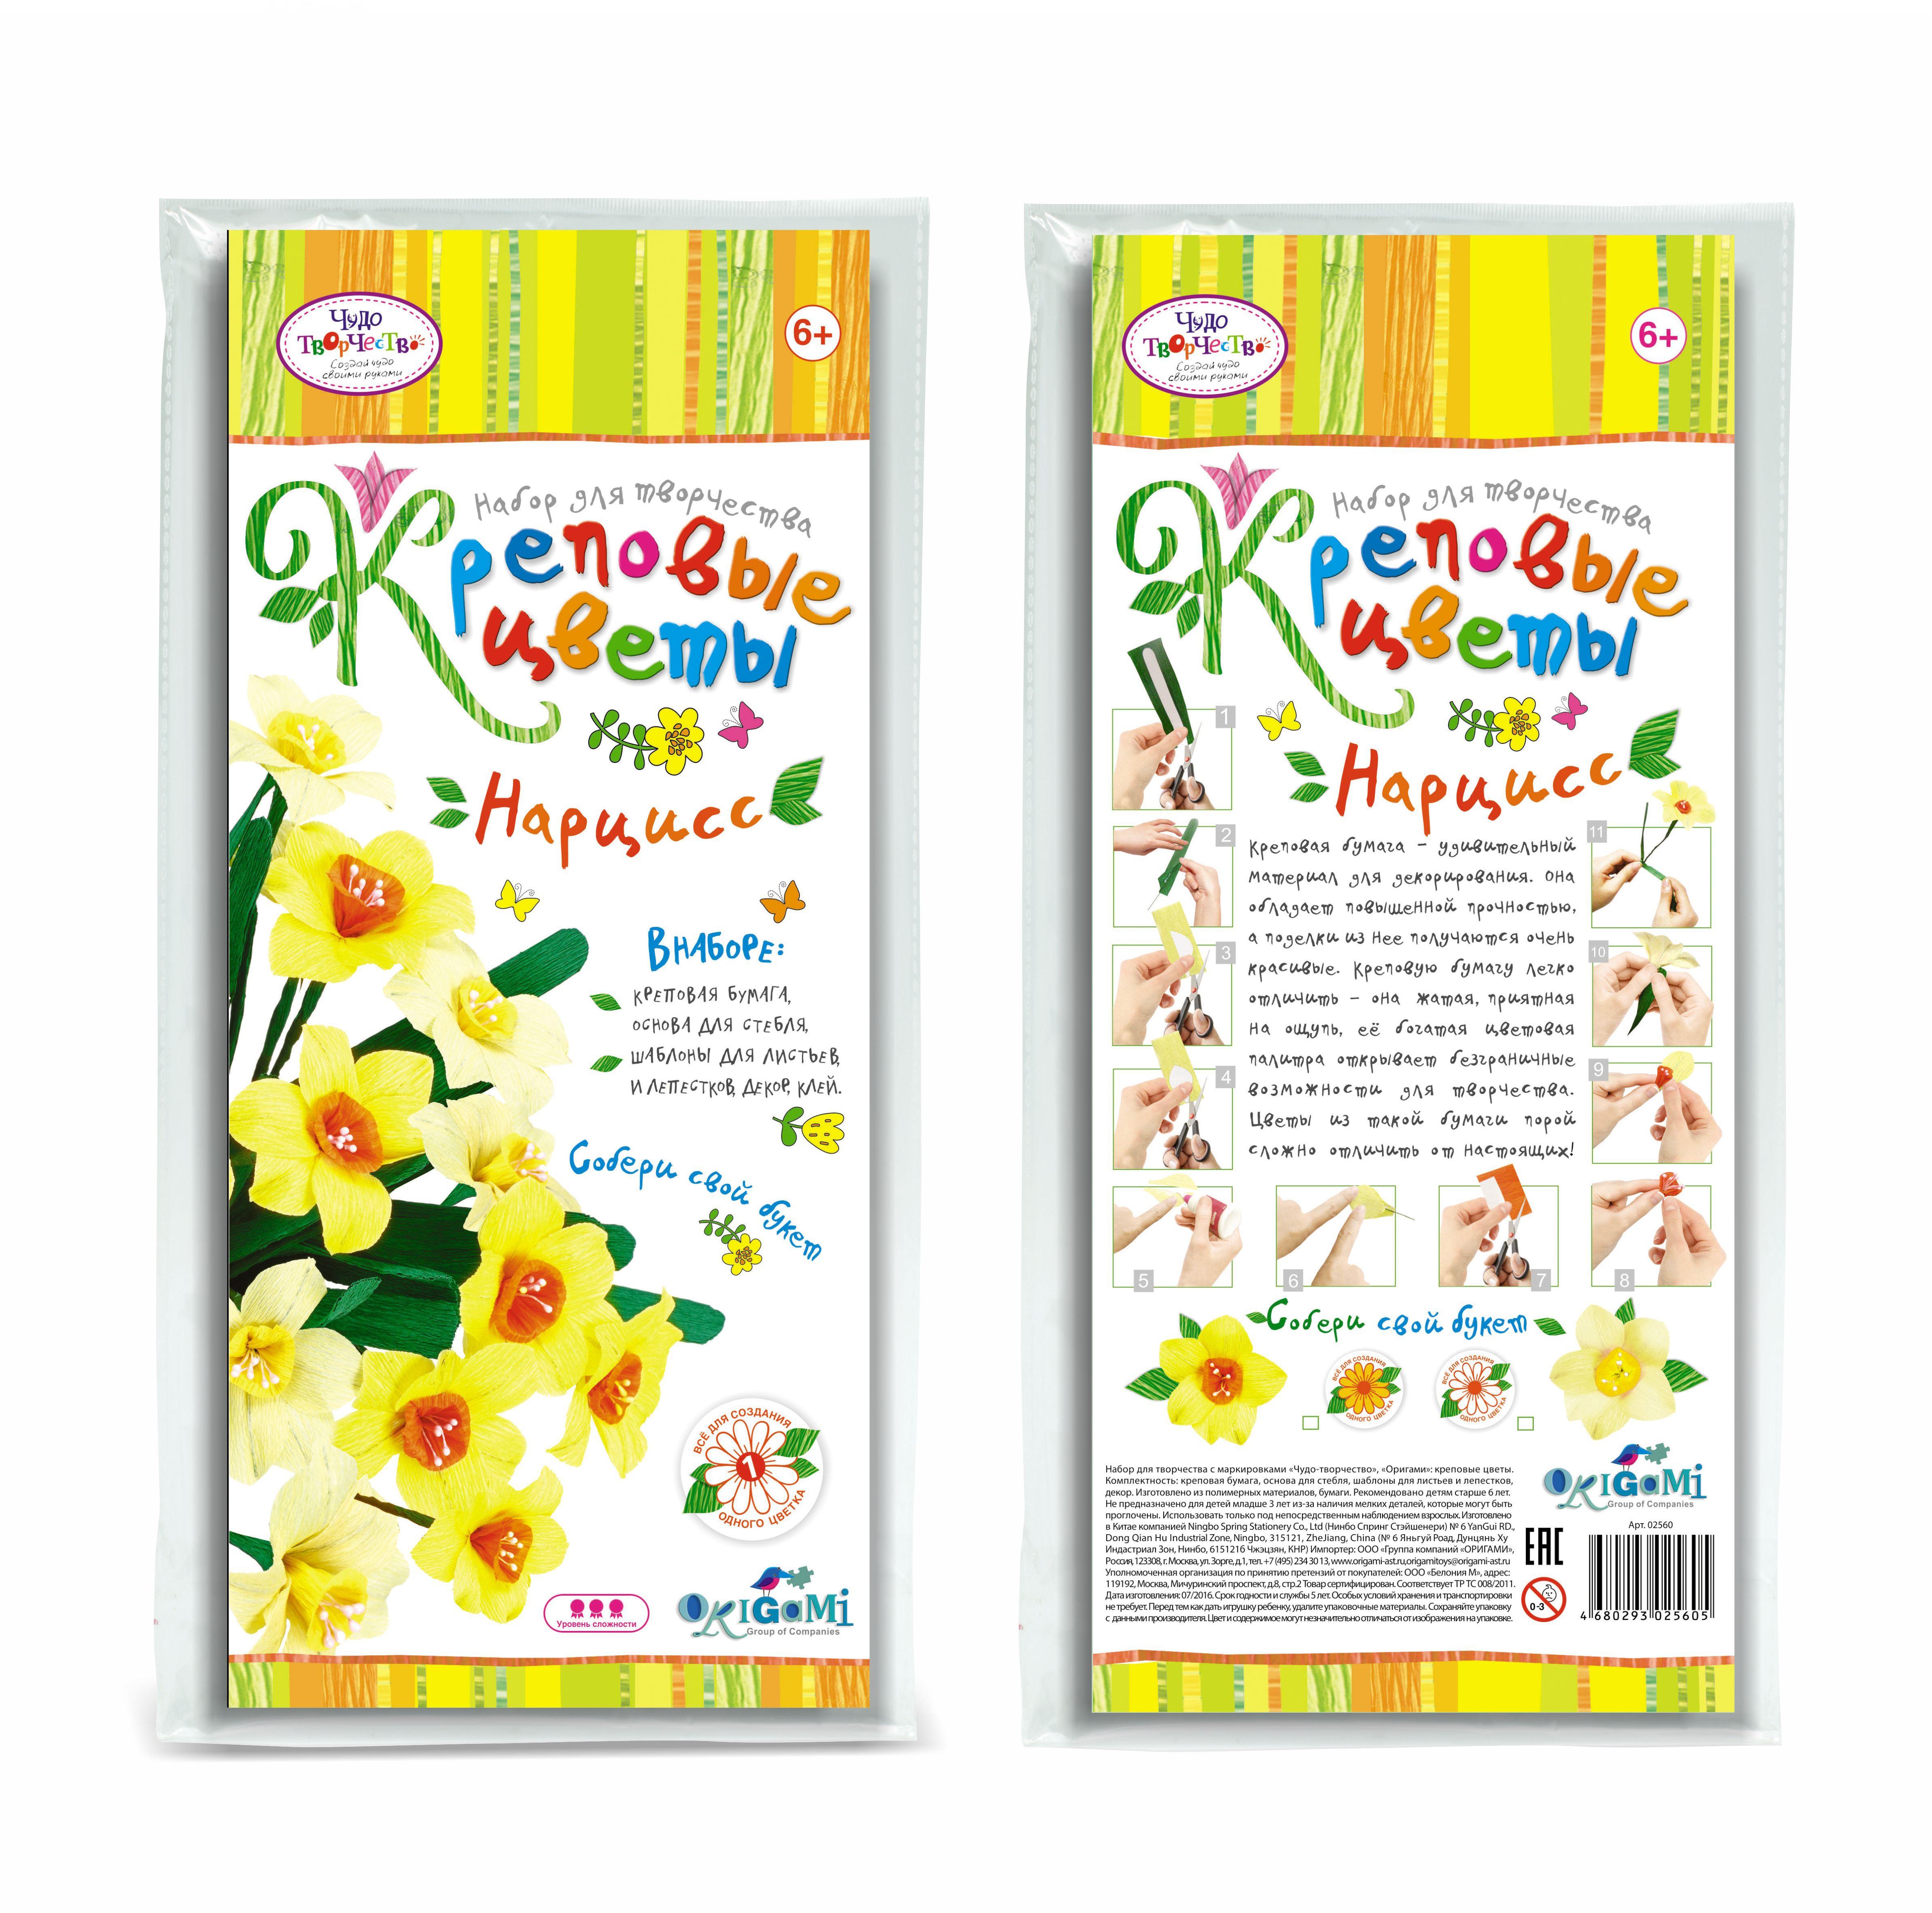 Наборы для творчества Origami Креповые цветы Нарцисc подвесная люстра bohemia 1415 1415 16 8 4 460 132 g